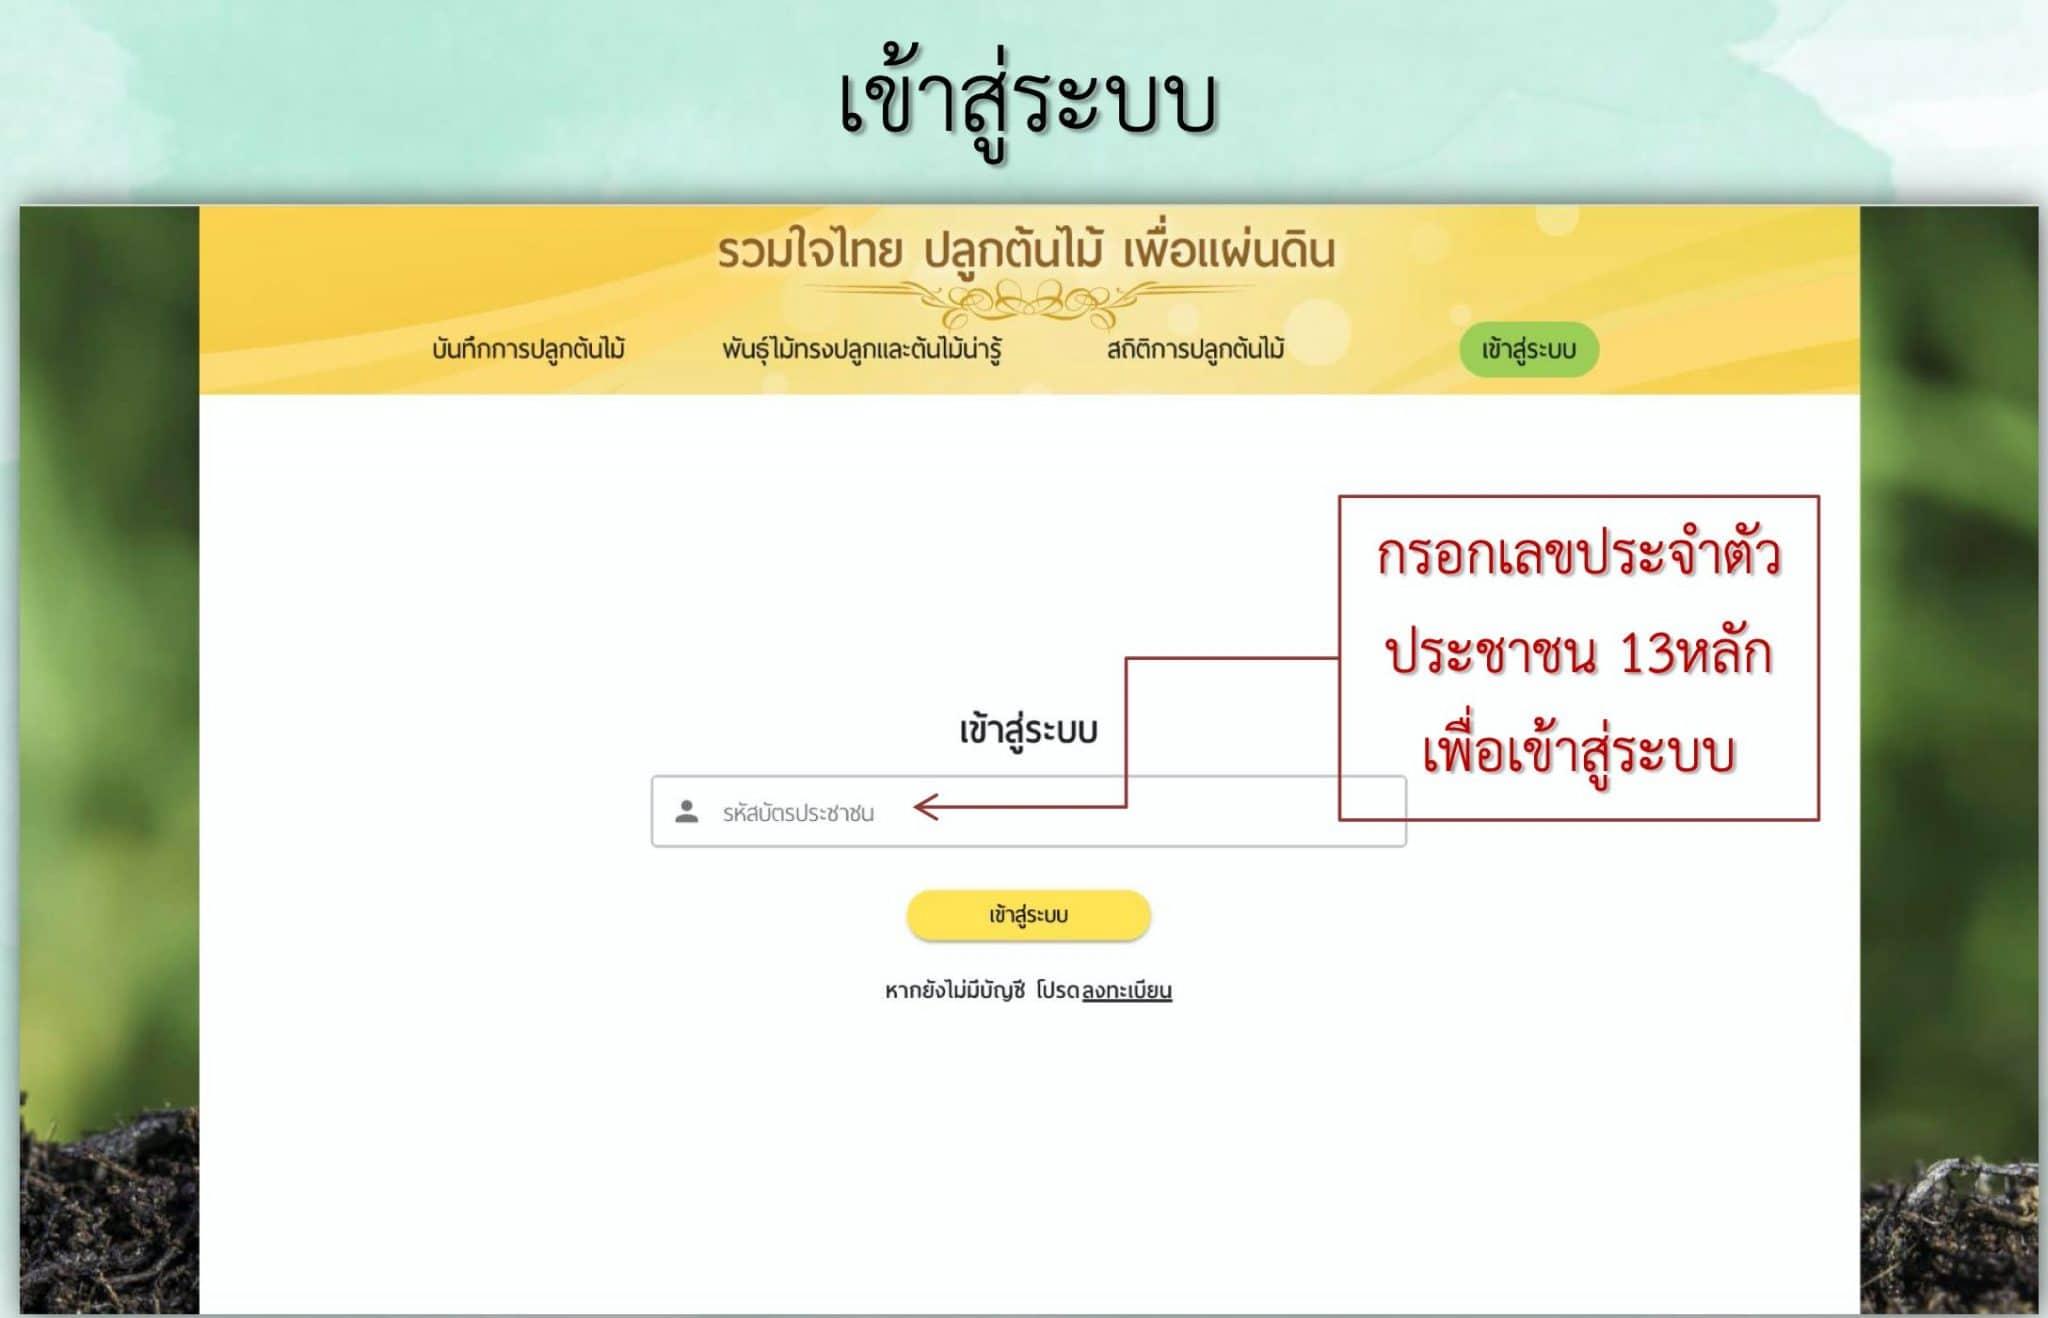 """ขอเชิญลงทะเบียนปลูกต้นไม้ โครงการ""""รวมใจไทย ปลูกต้นไม้ เพื่อแผ่นดิน"""" รับเกียรติบัตรออนไลน์ฟรี"""